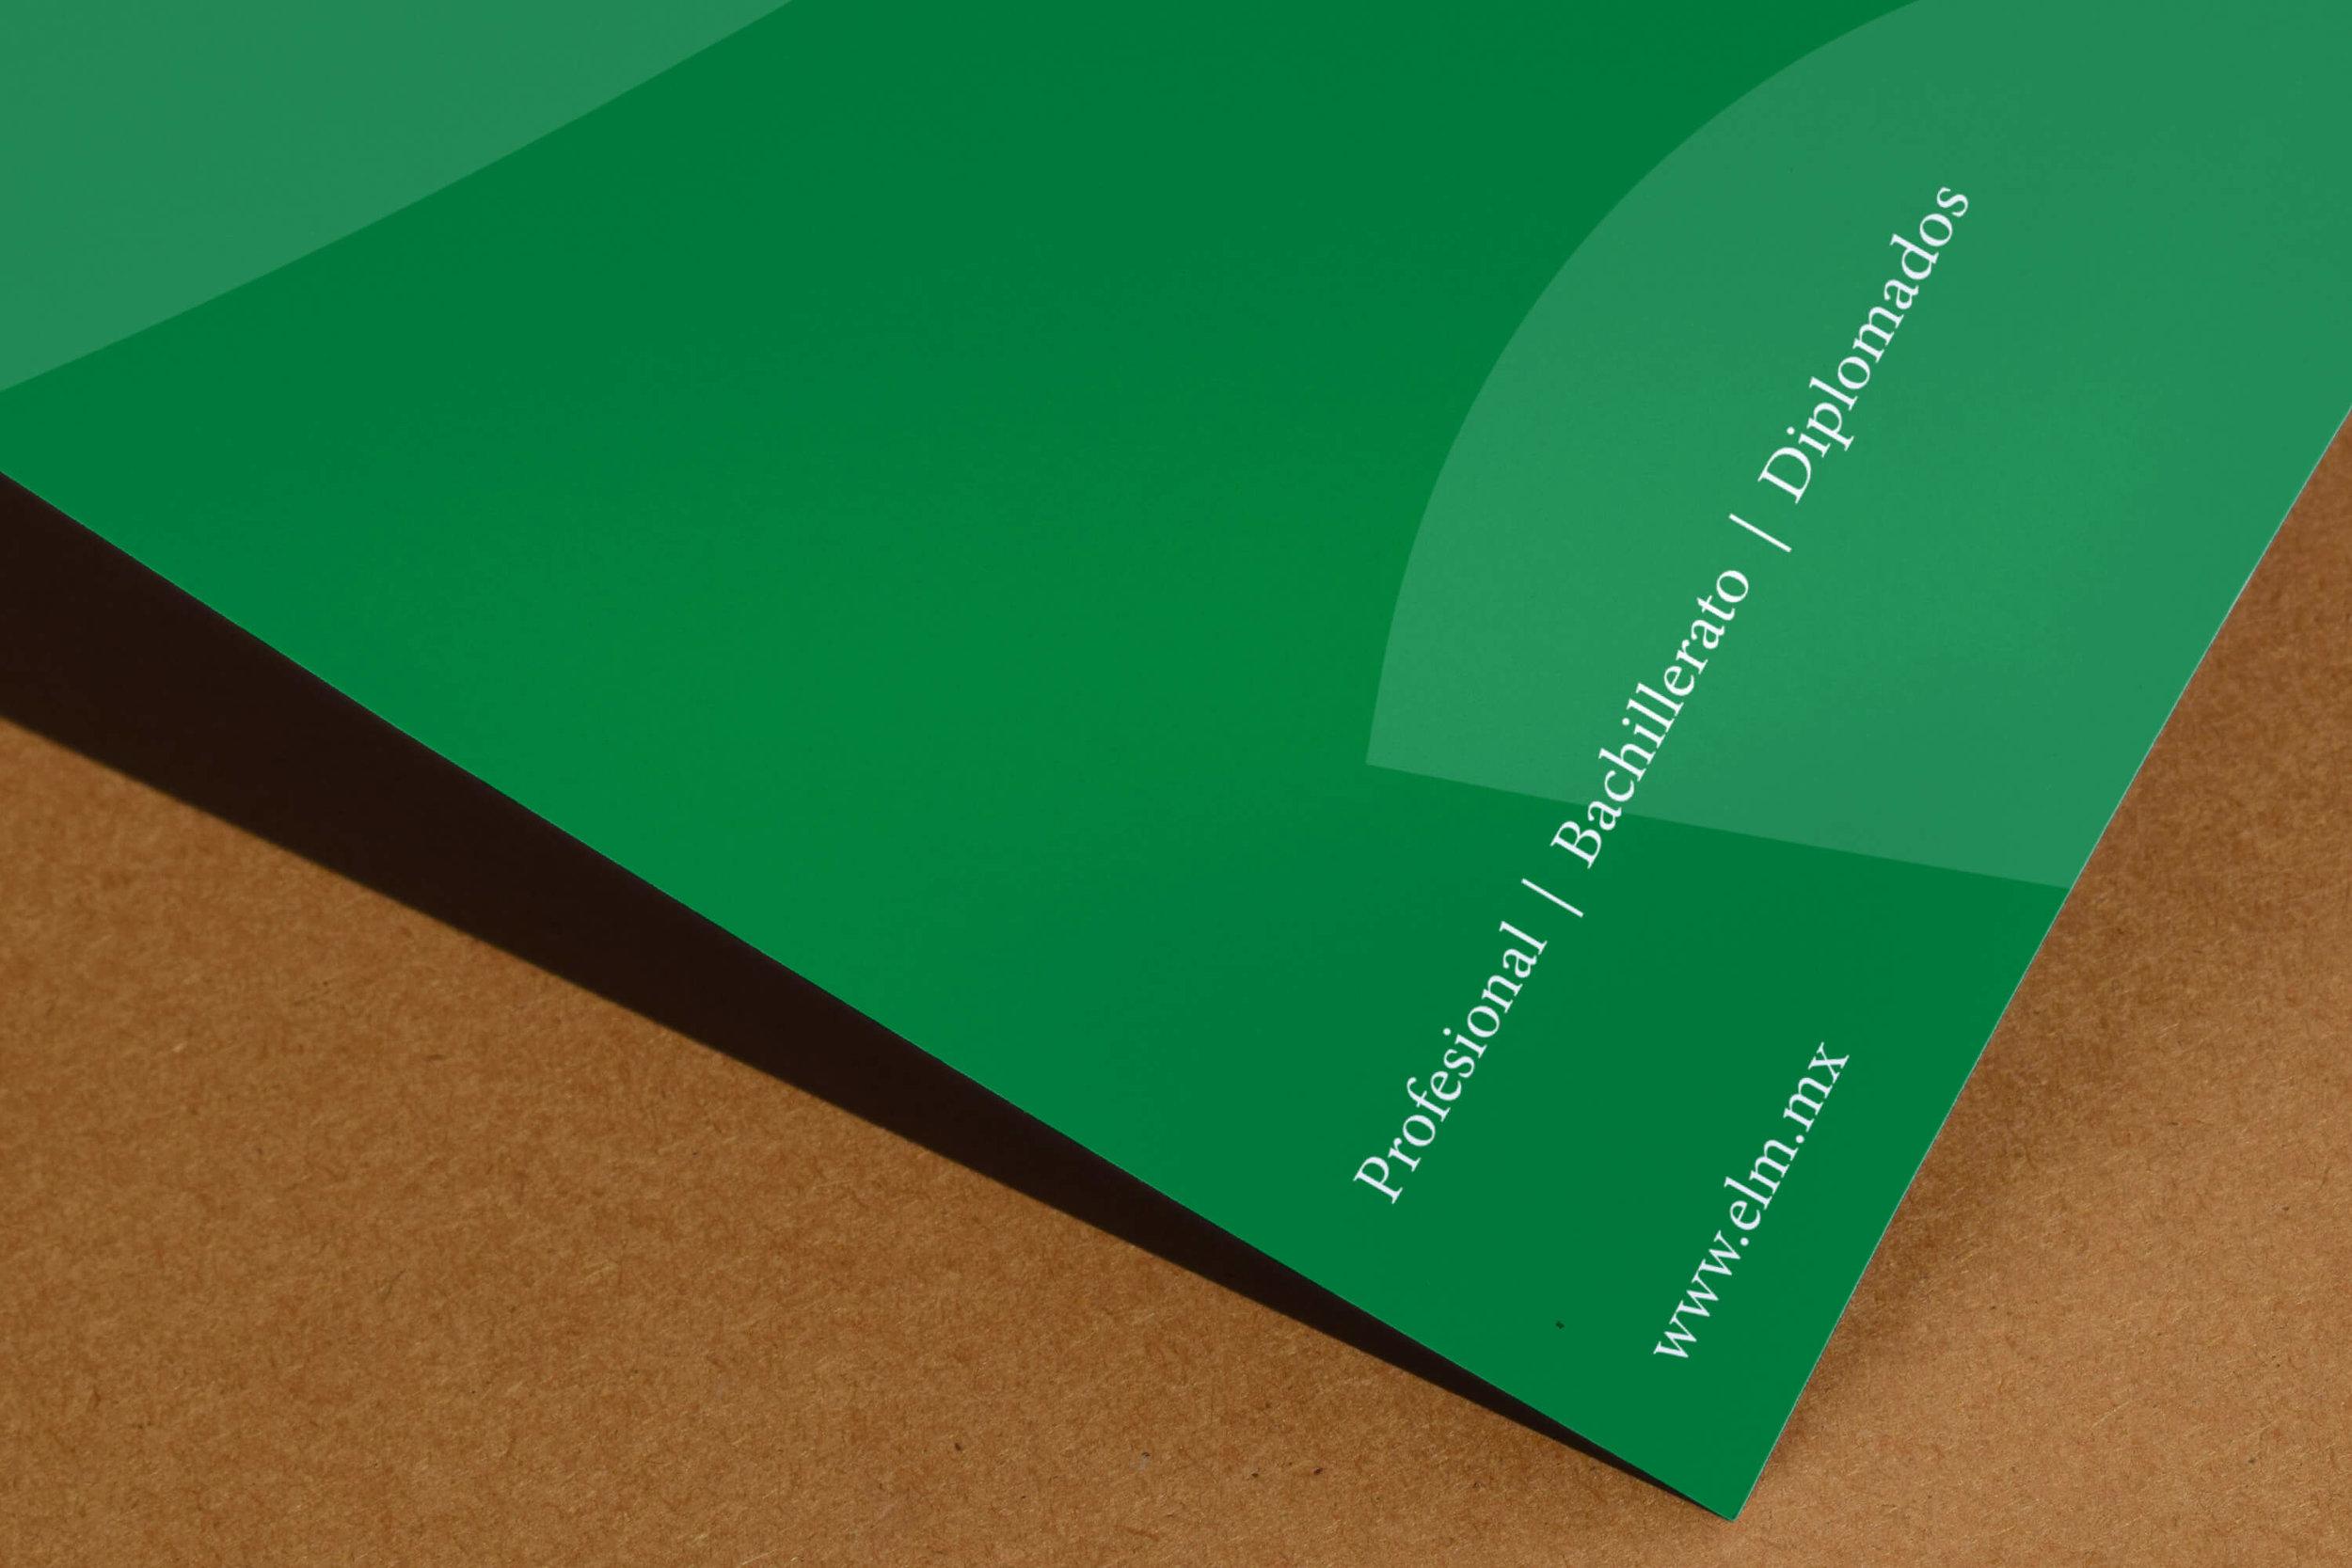 logo-design-branding-san-diego-vortic-escuela-libre-de-mexico-13